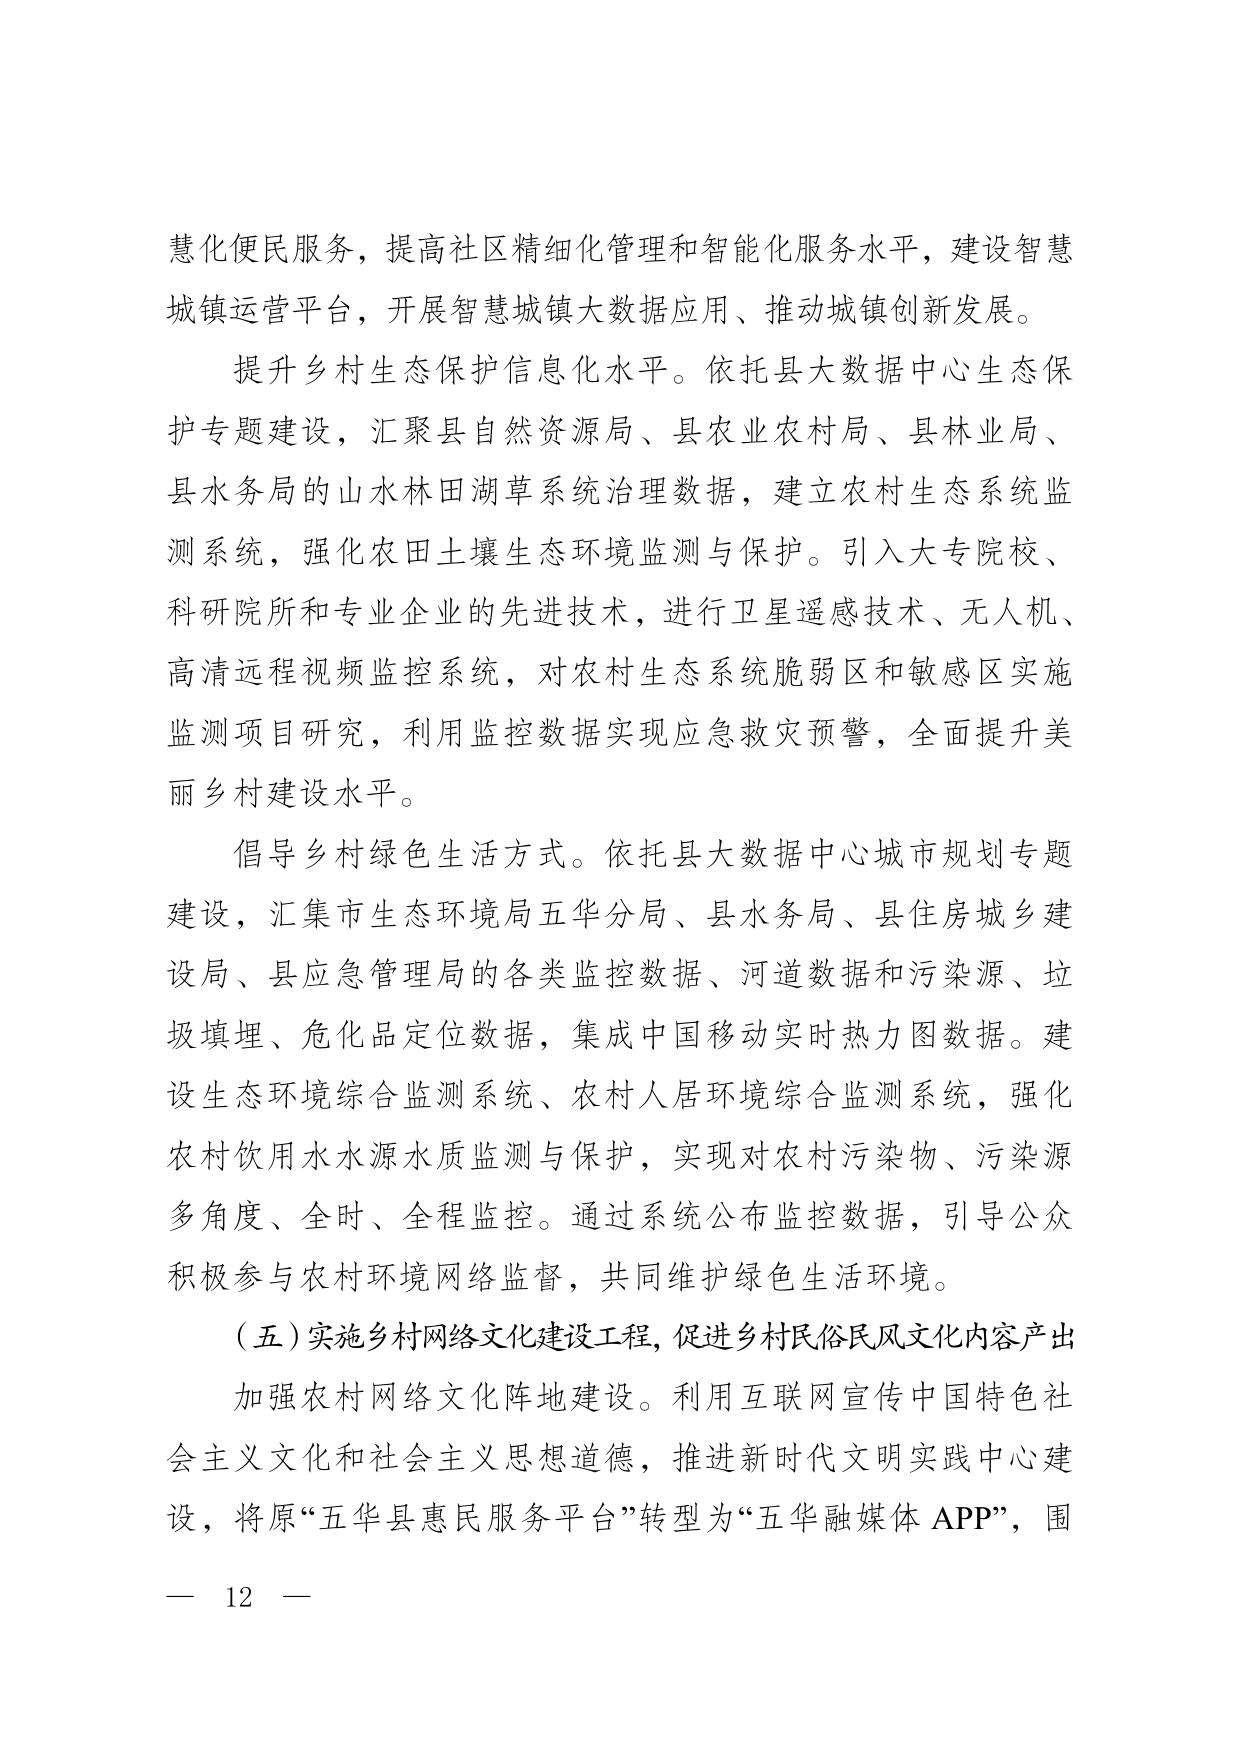 华办函〔2020〕5号关于印发《五华县数字乡村发展总体规划(2020—2025年)》的通知0011.jpg